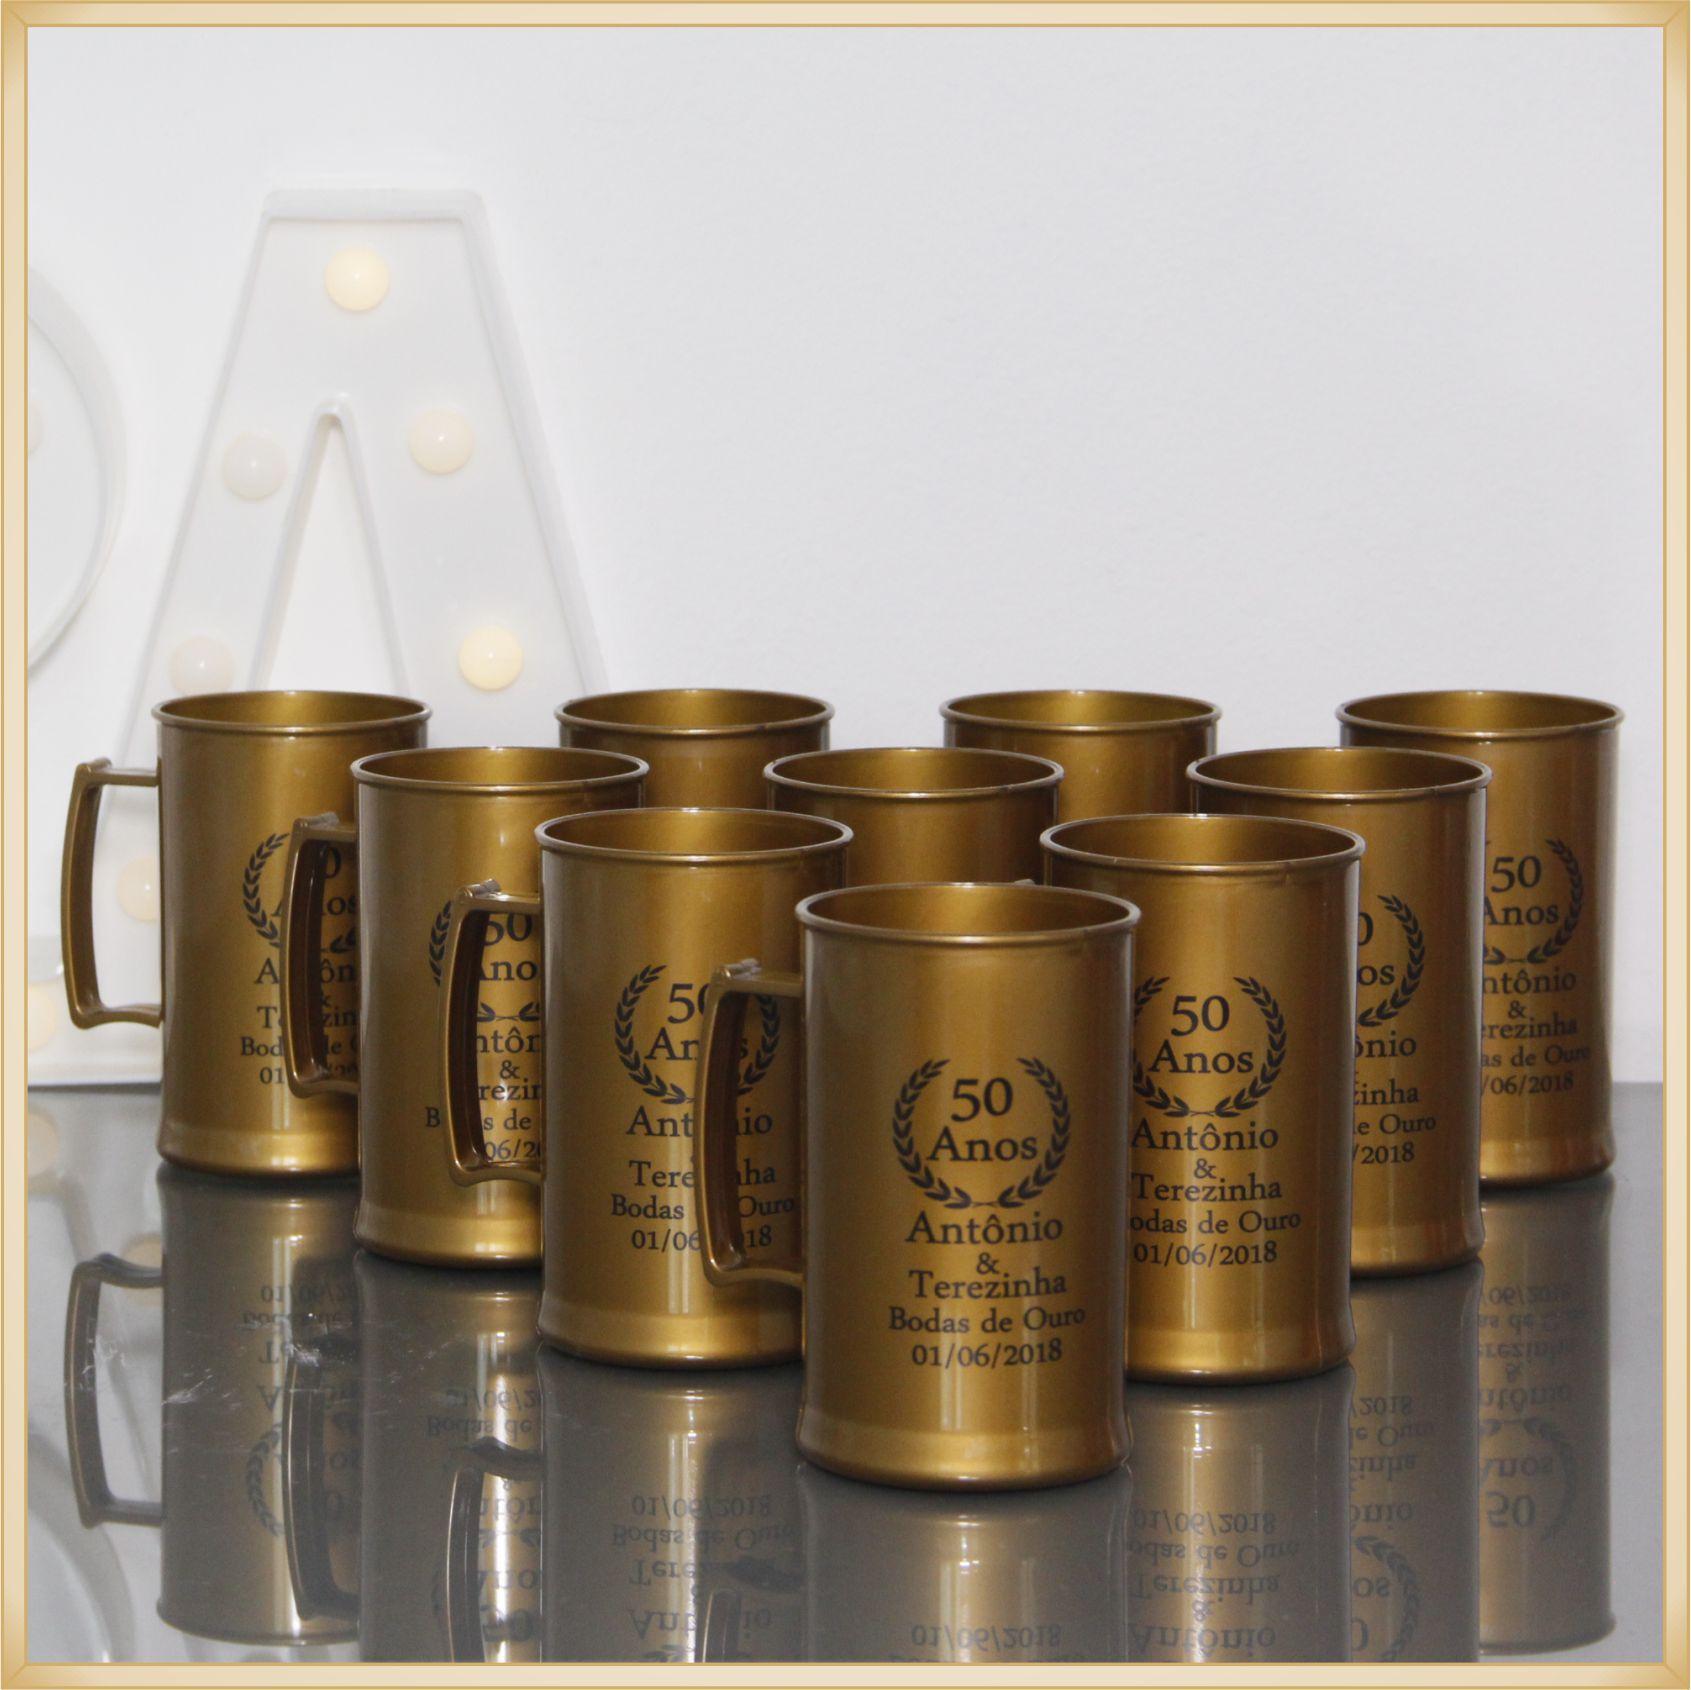 Canecas de acrílico personalizadas aniversário - alta qualidade, acabamento perfeito, parede de 2,5 mm, material atóxico, 300 ml - kit 100 unidades